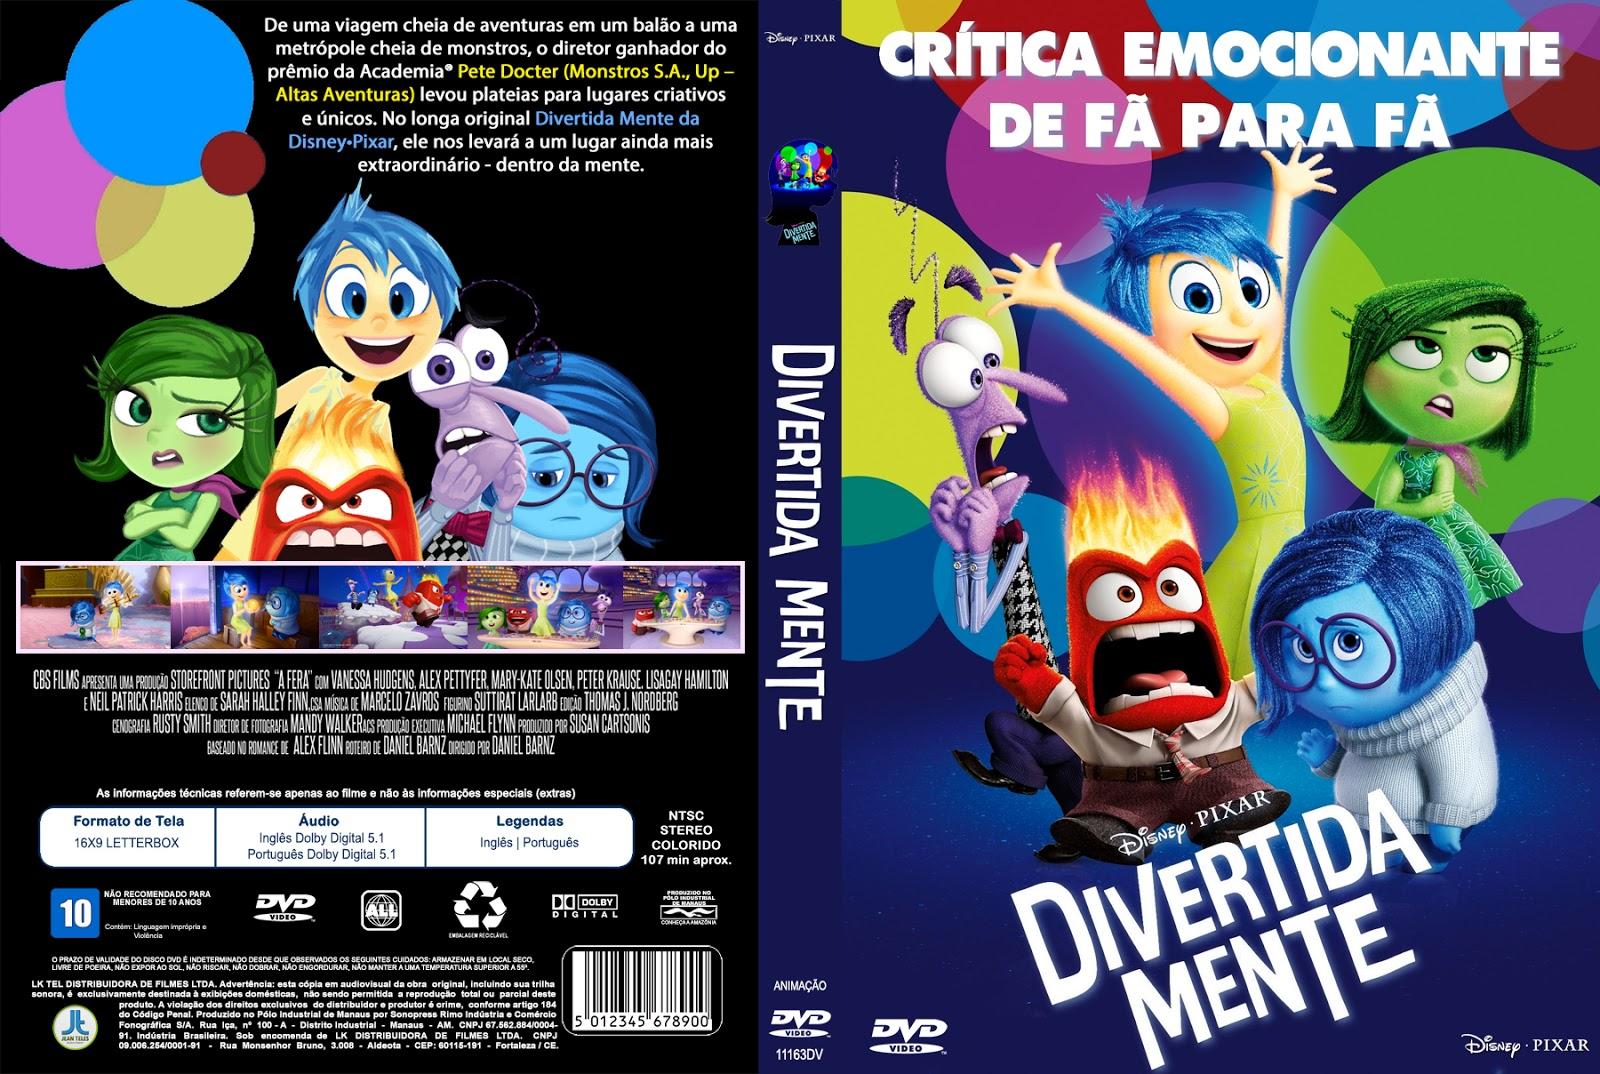 Download Divertida Mente BDRip XviD Dual Áudio Divertida 2BMente